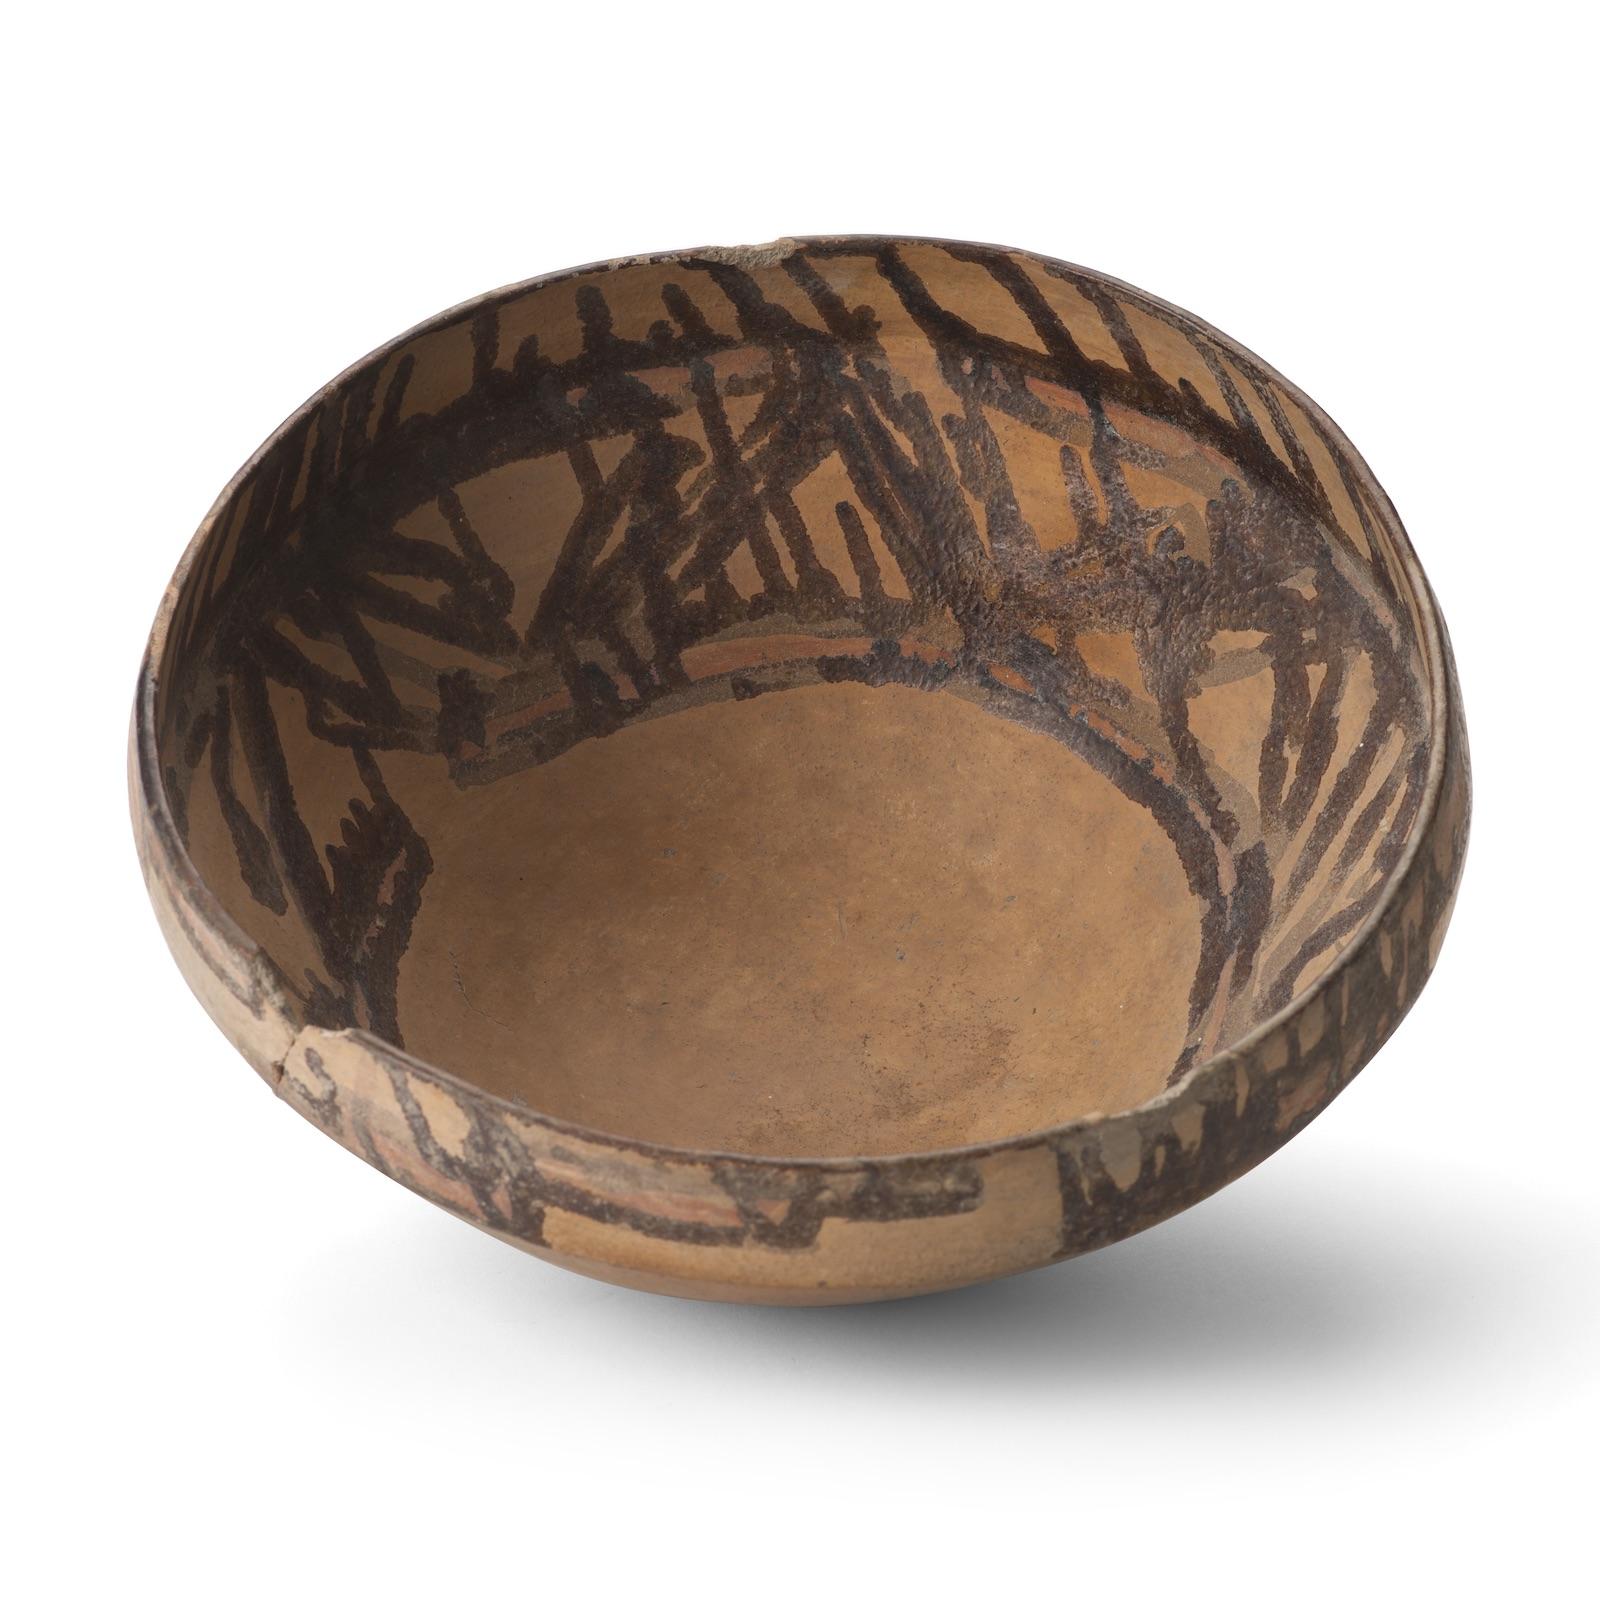 Unidentified artist, Puaray or Kotyiti Glaze Polychrome Bowl